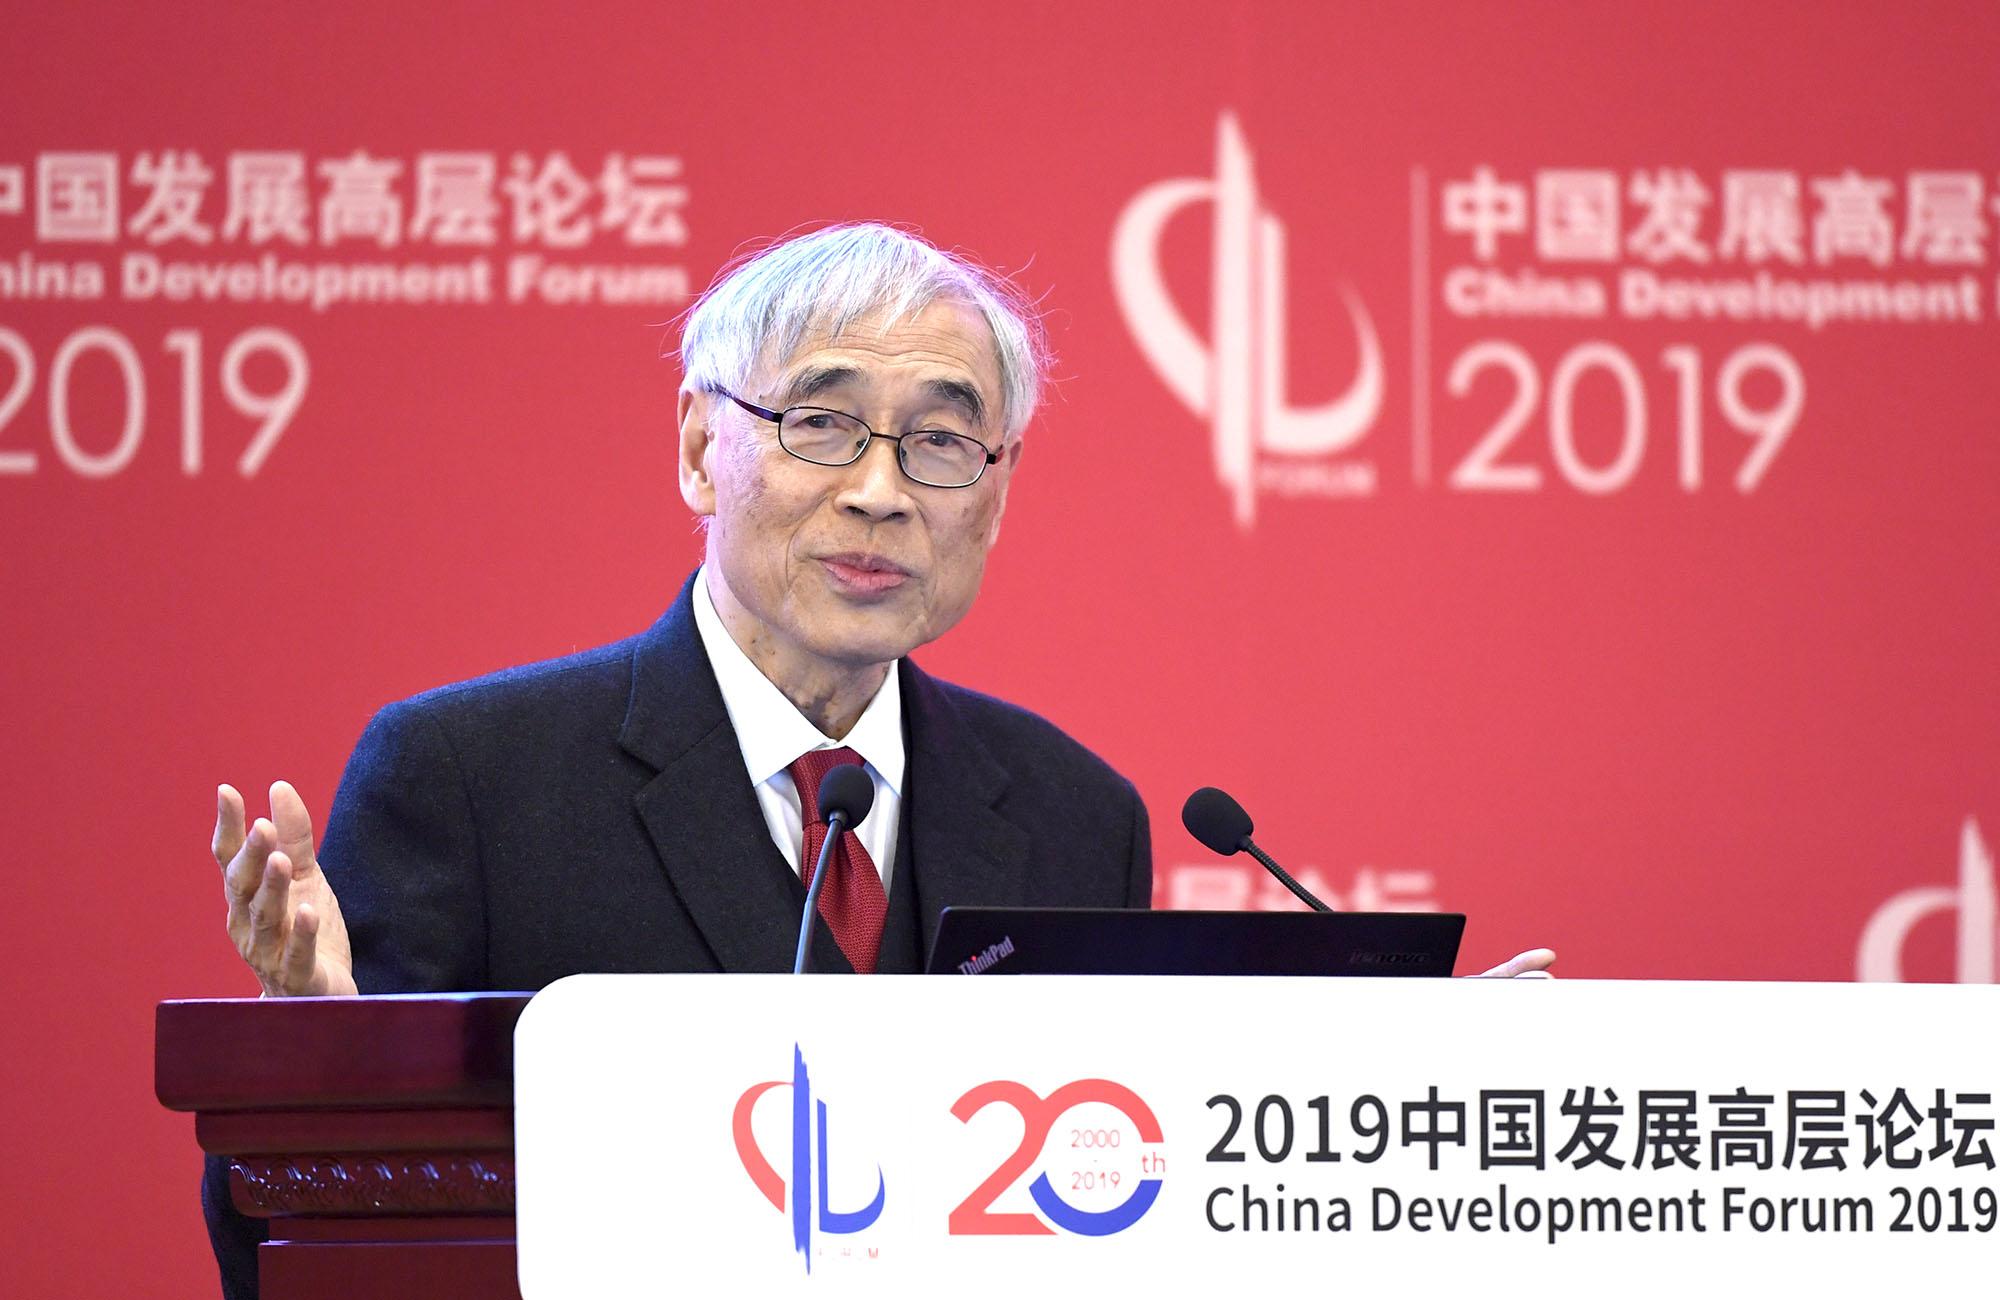 发言:香港中文大学讲座教授刘遵义